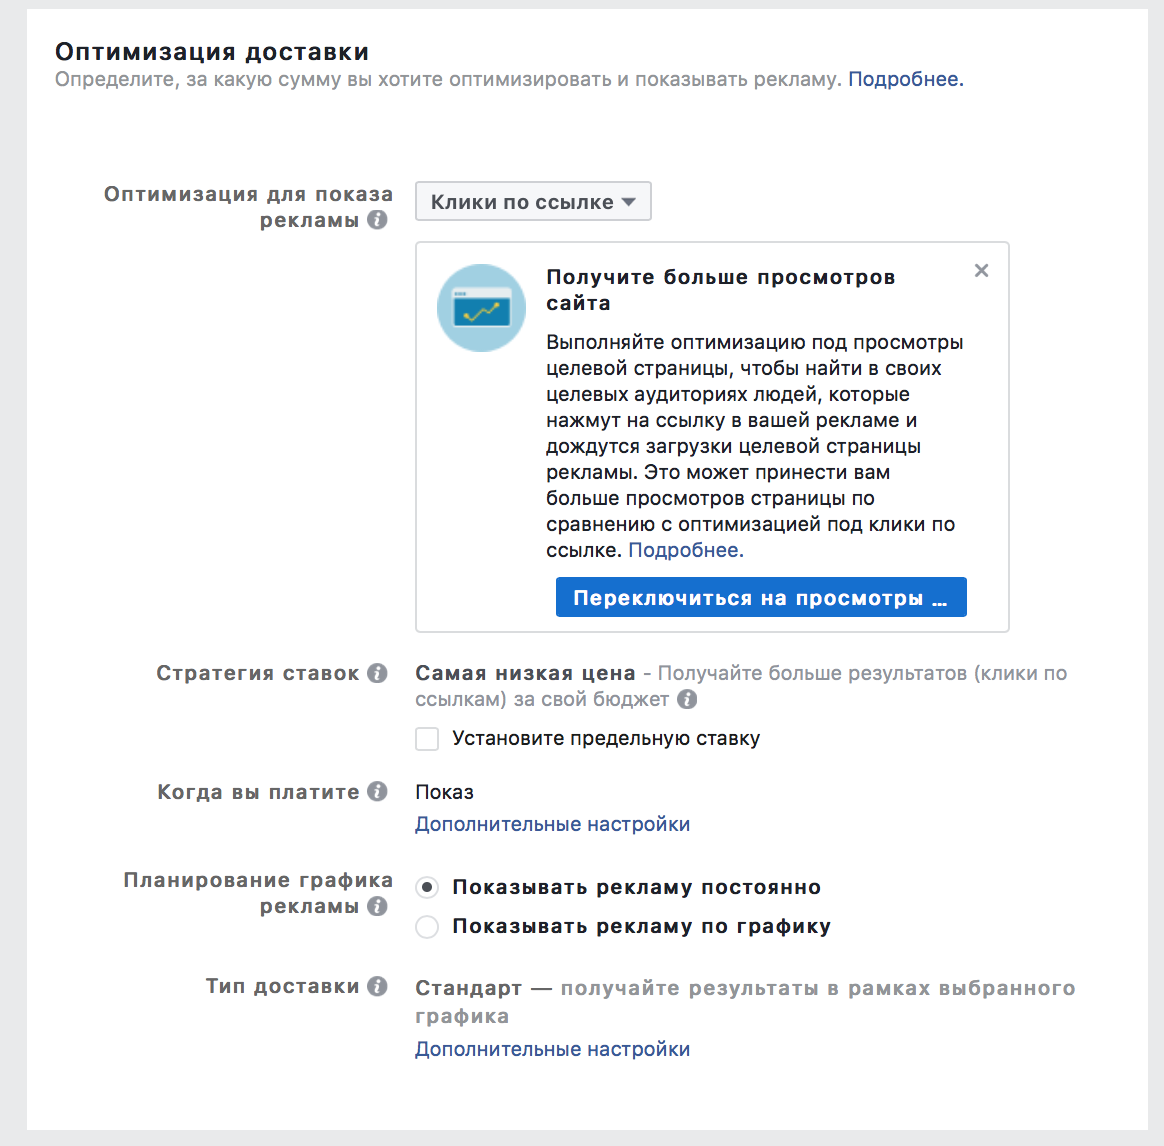 Можно ли кликать по ссылке реклама от google реклама на сайтах днепропетровска